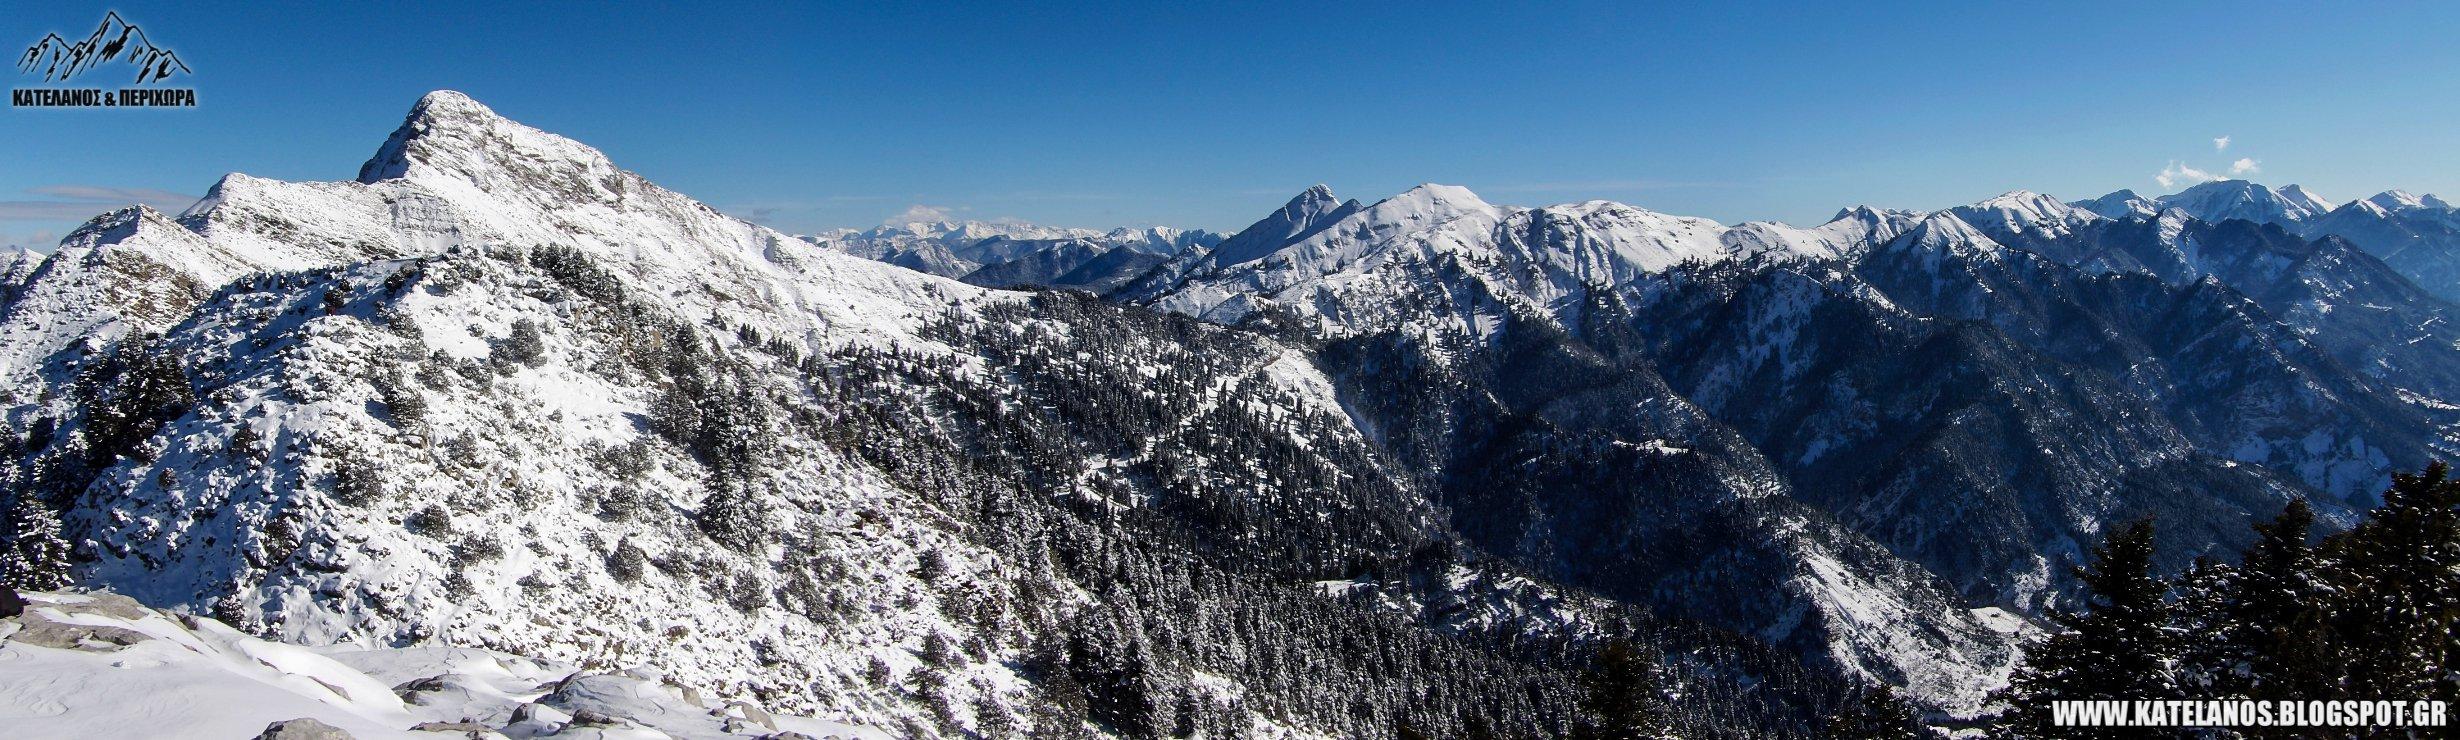 παναιτωλικο ορος οροσειρα